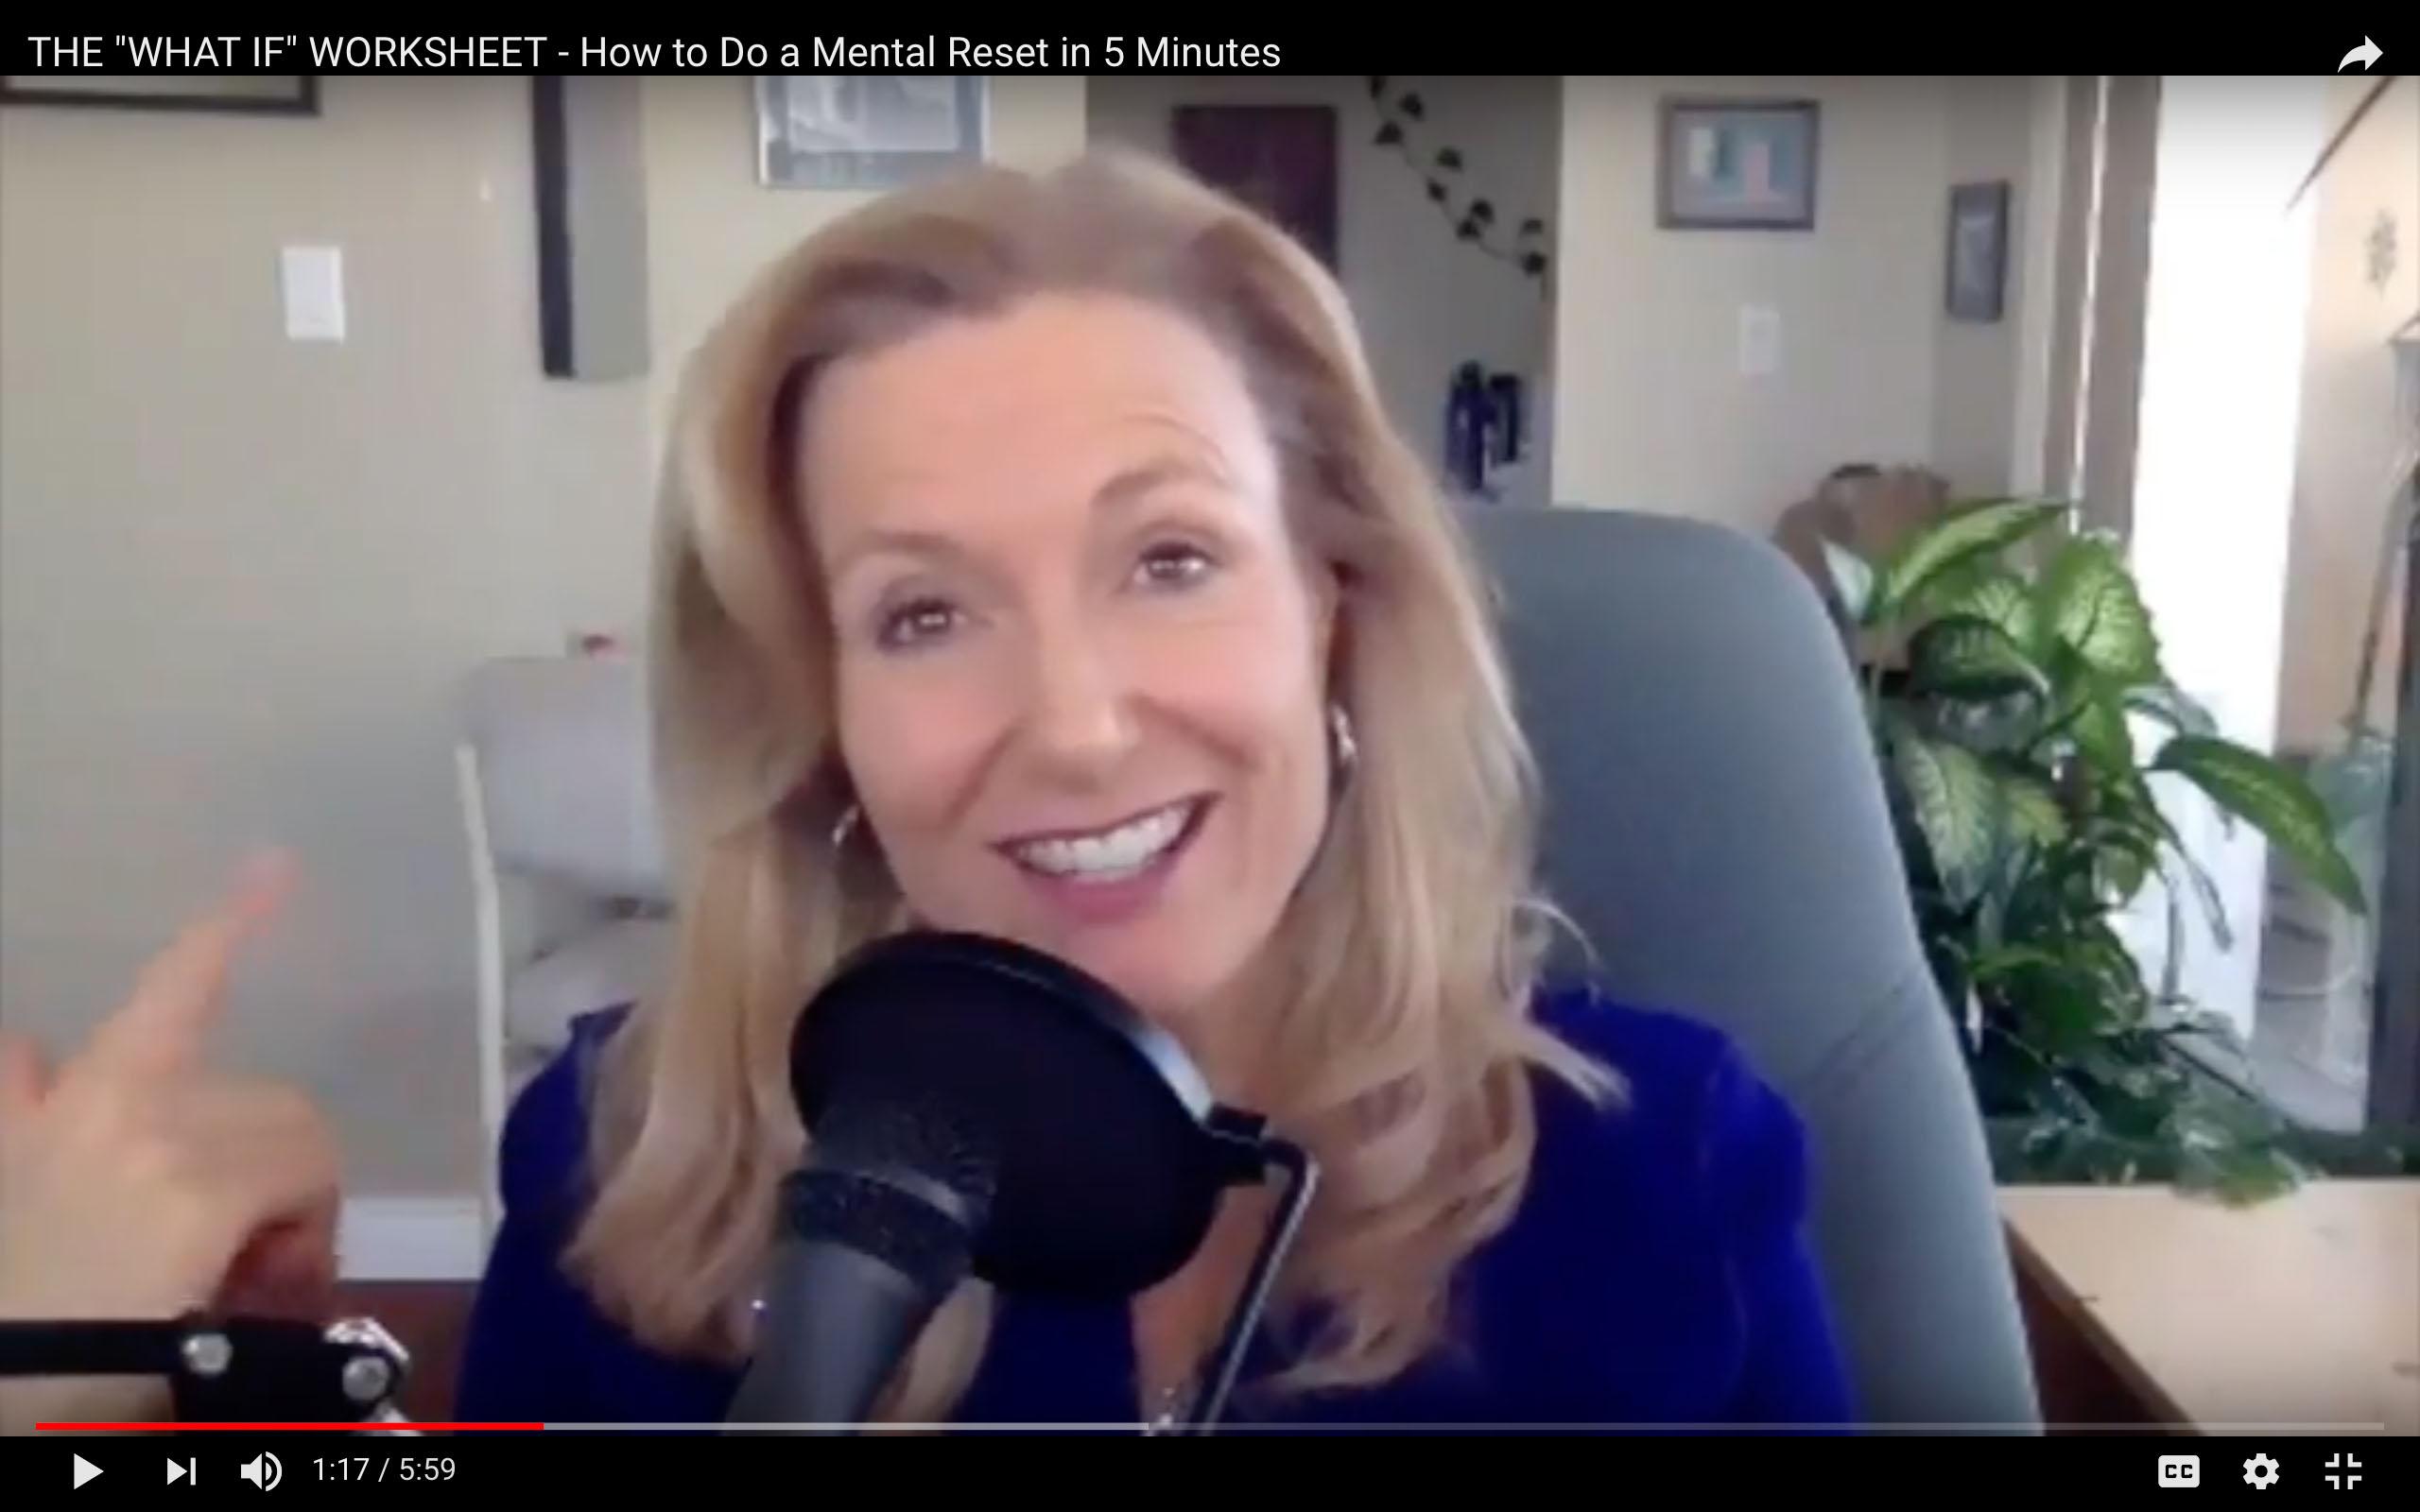 Carla Rieger 2 What Ifs Worksheet Video Still